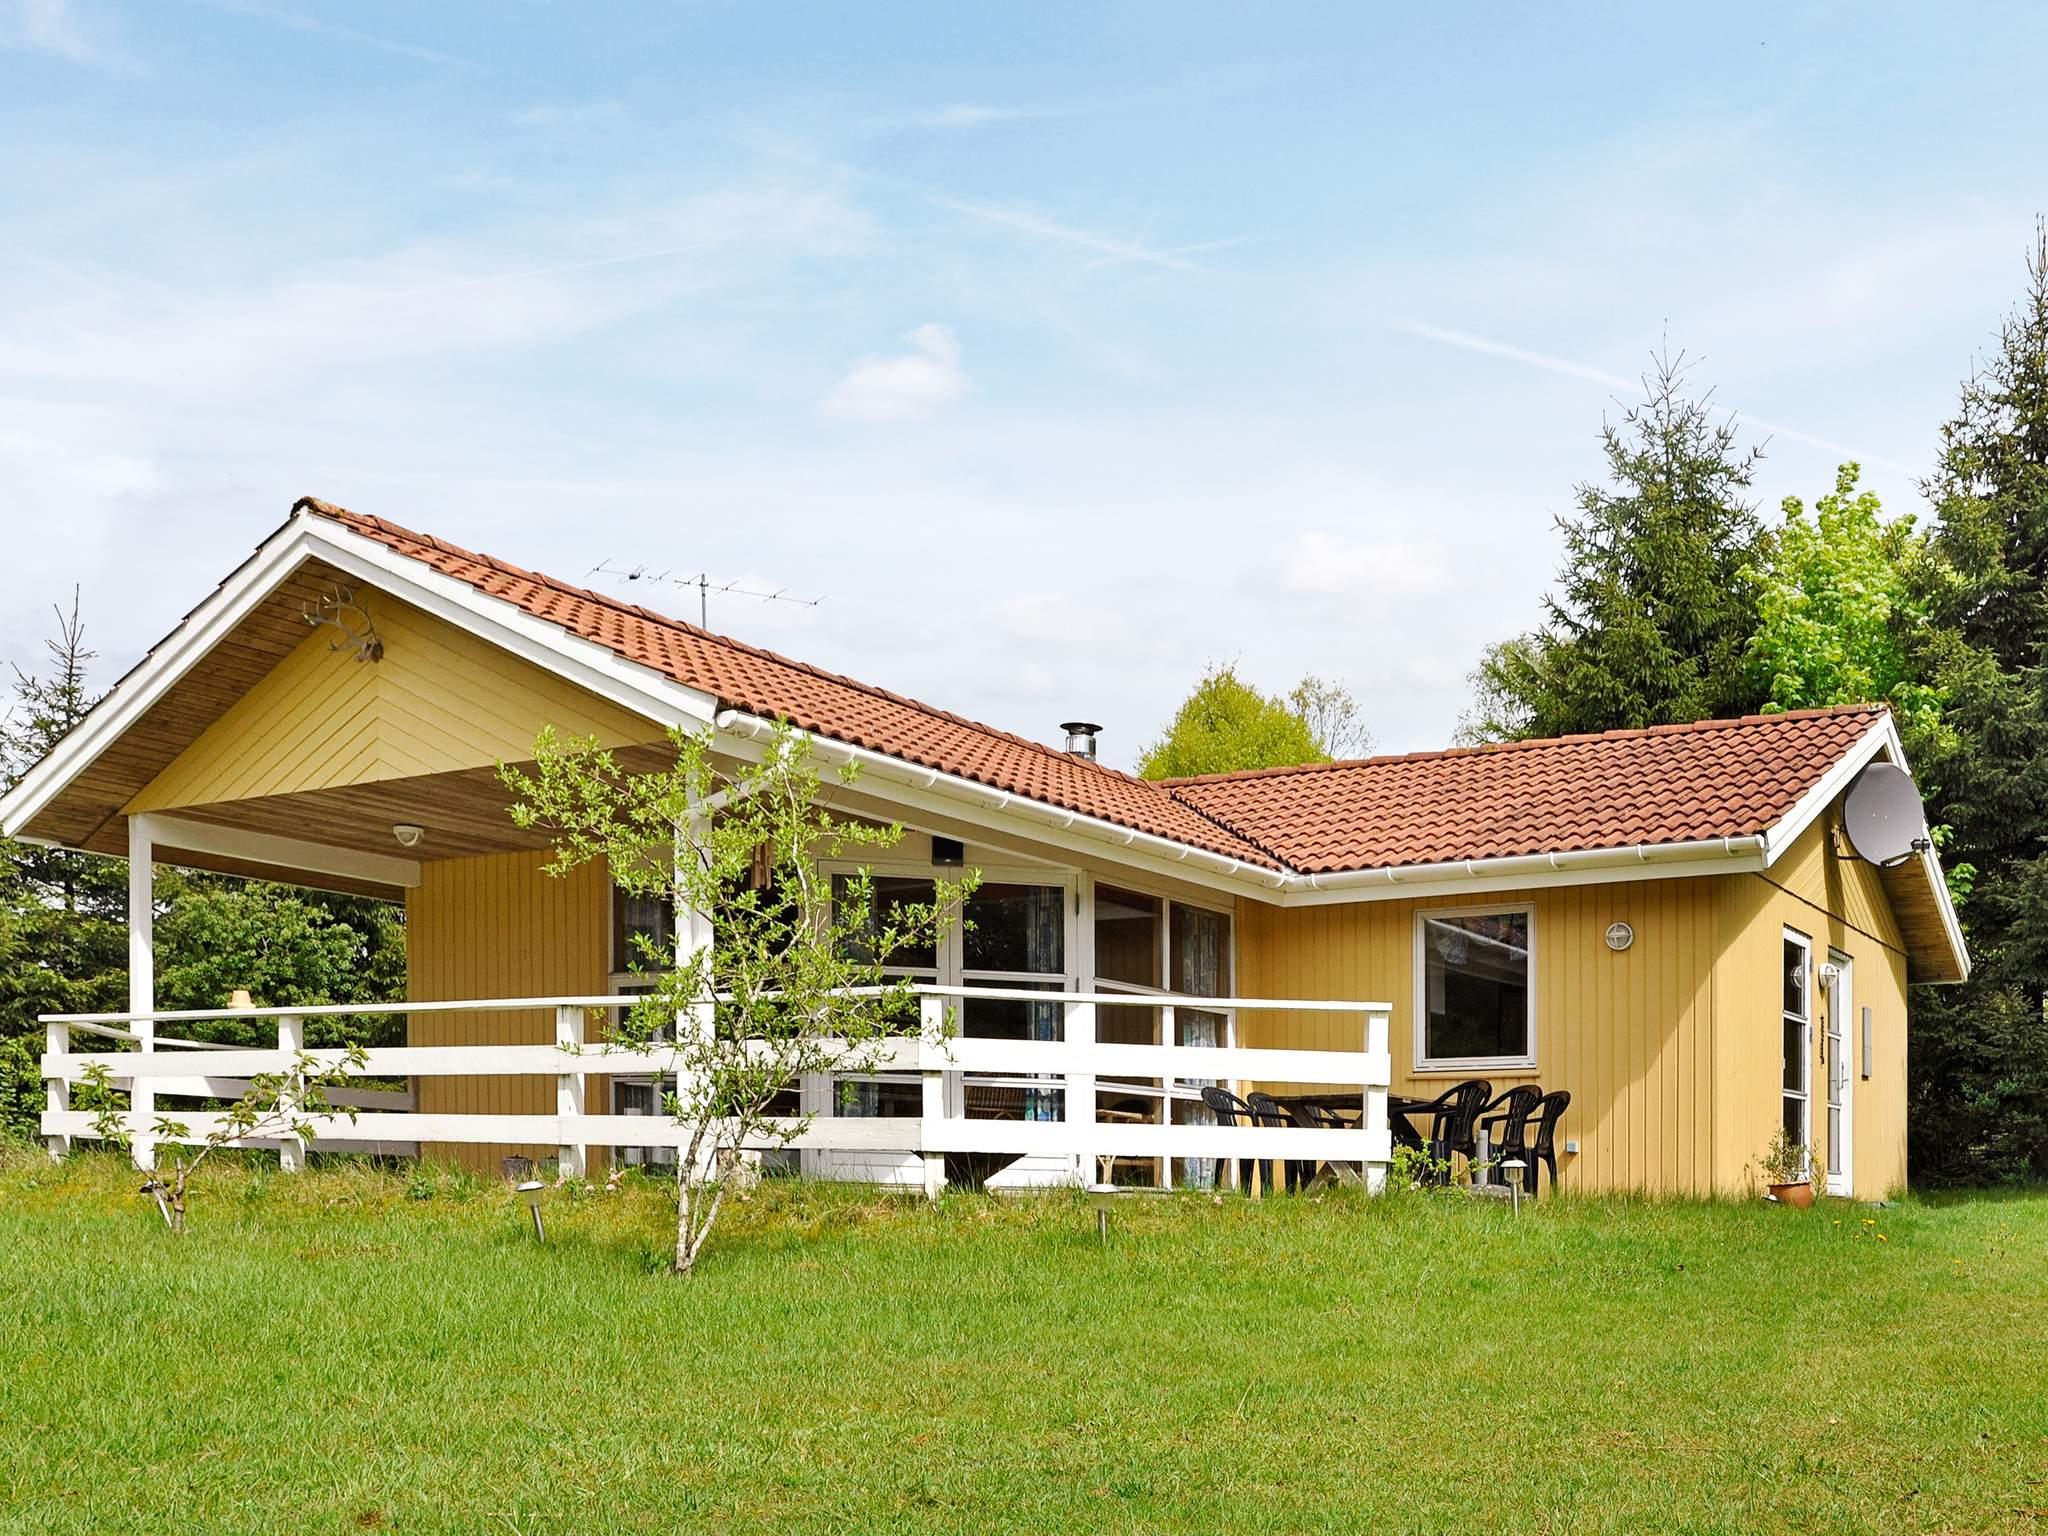 Ferienhaus Silkeborg (995795), Silkeborg, , Ostjütland, Dänemark, Bild 19